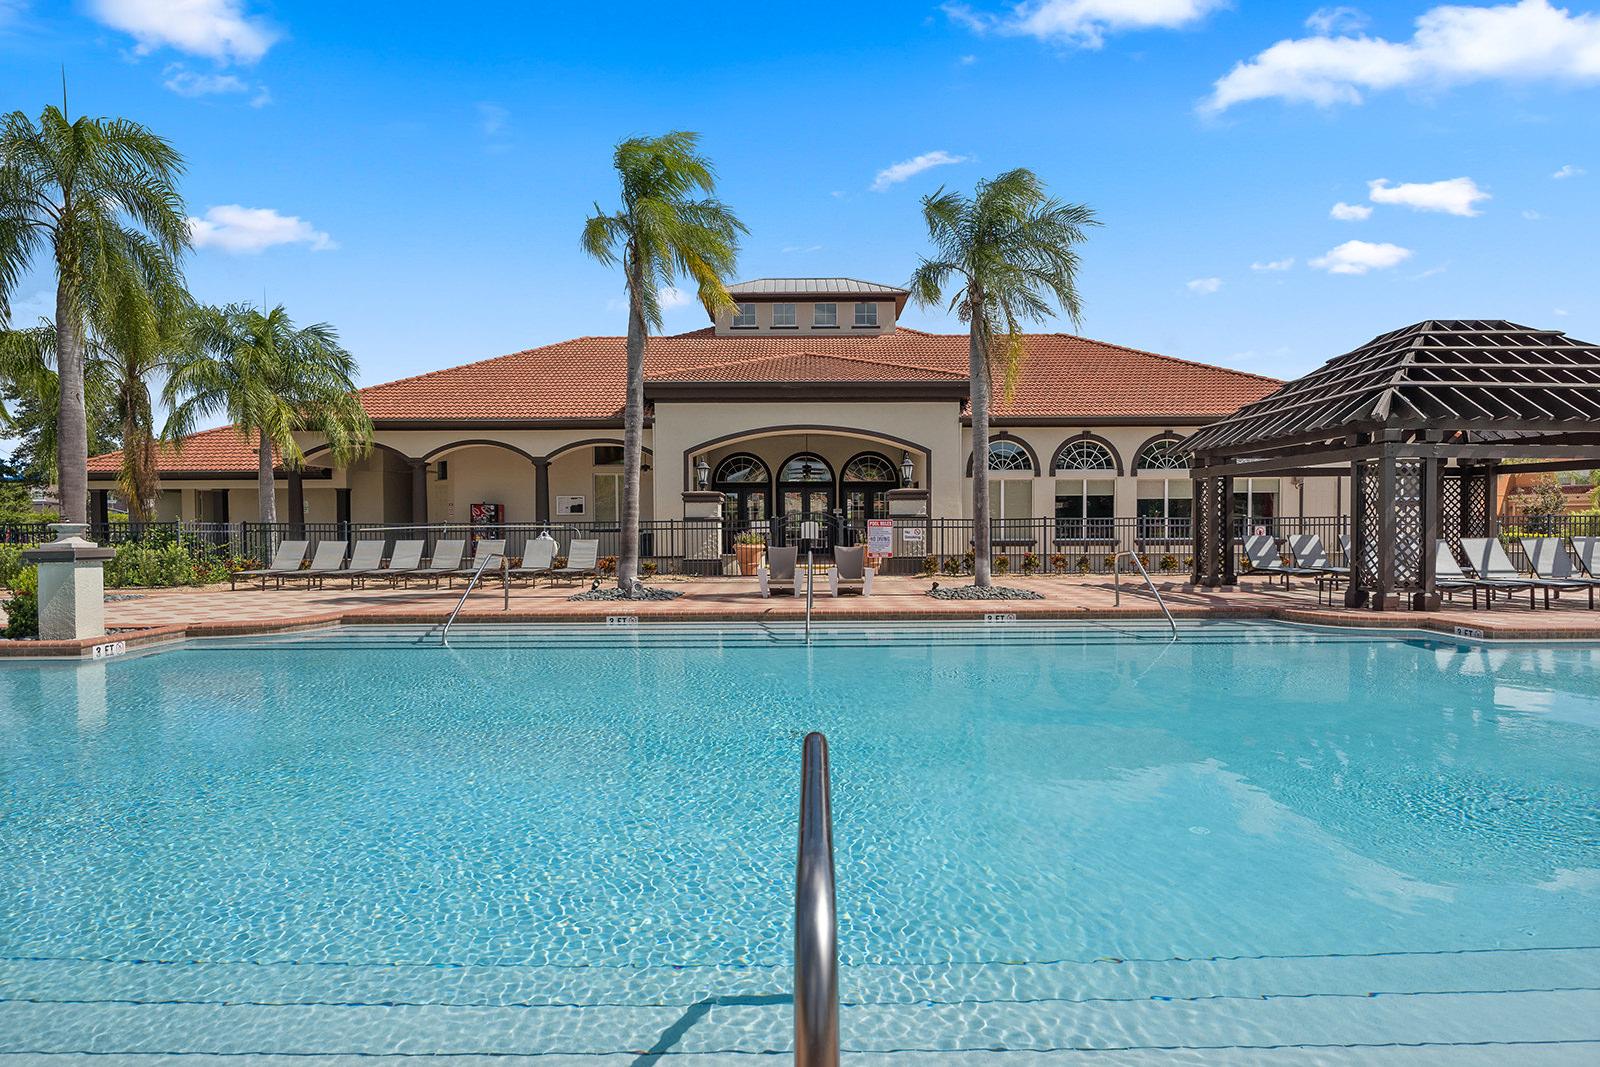 BellaVida Resort Amenities